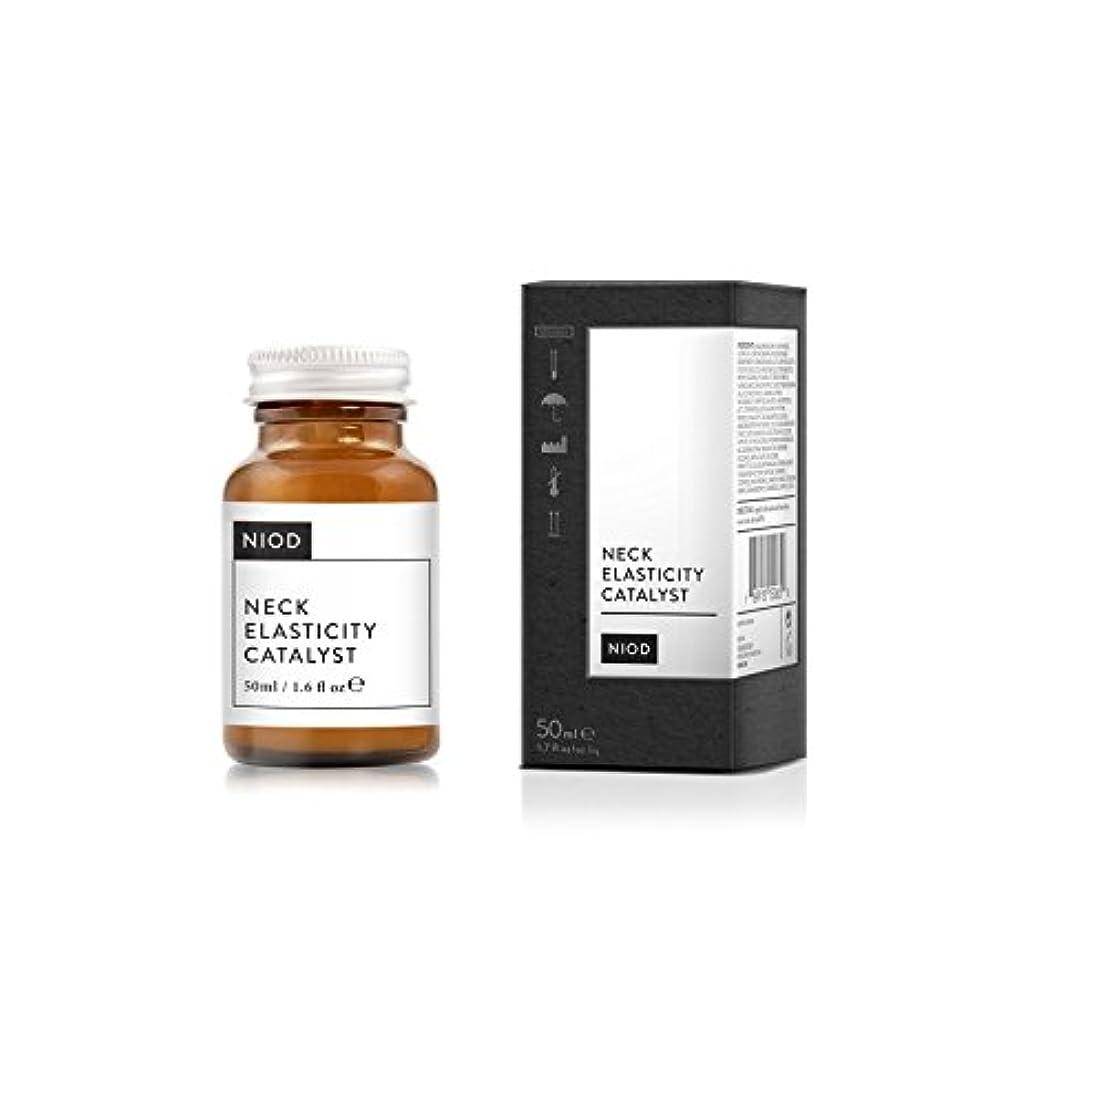 害虫小麦粉実証するNiod Elasticity Catalyst Neck Serum 50ml - 弾力性触媒の首血清50ミリリットル [並行輸入品]